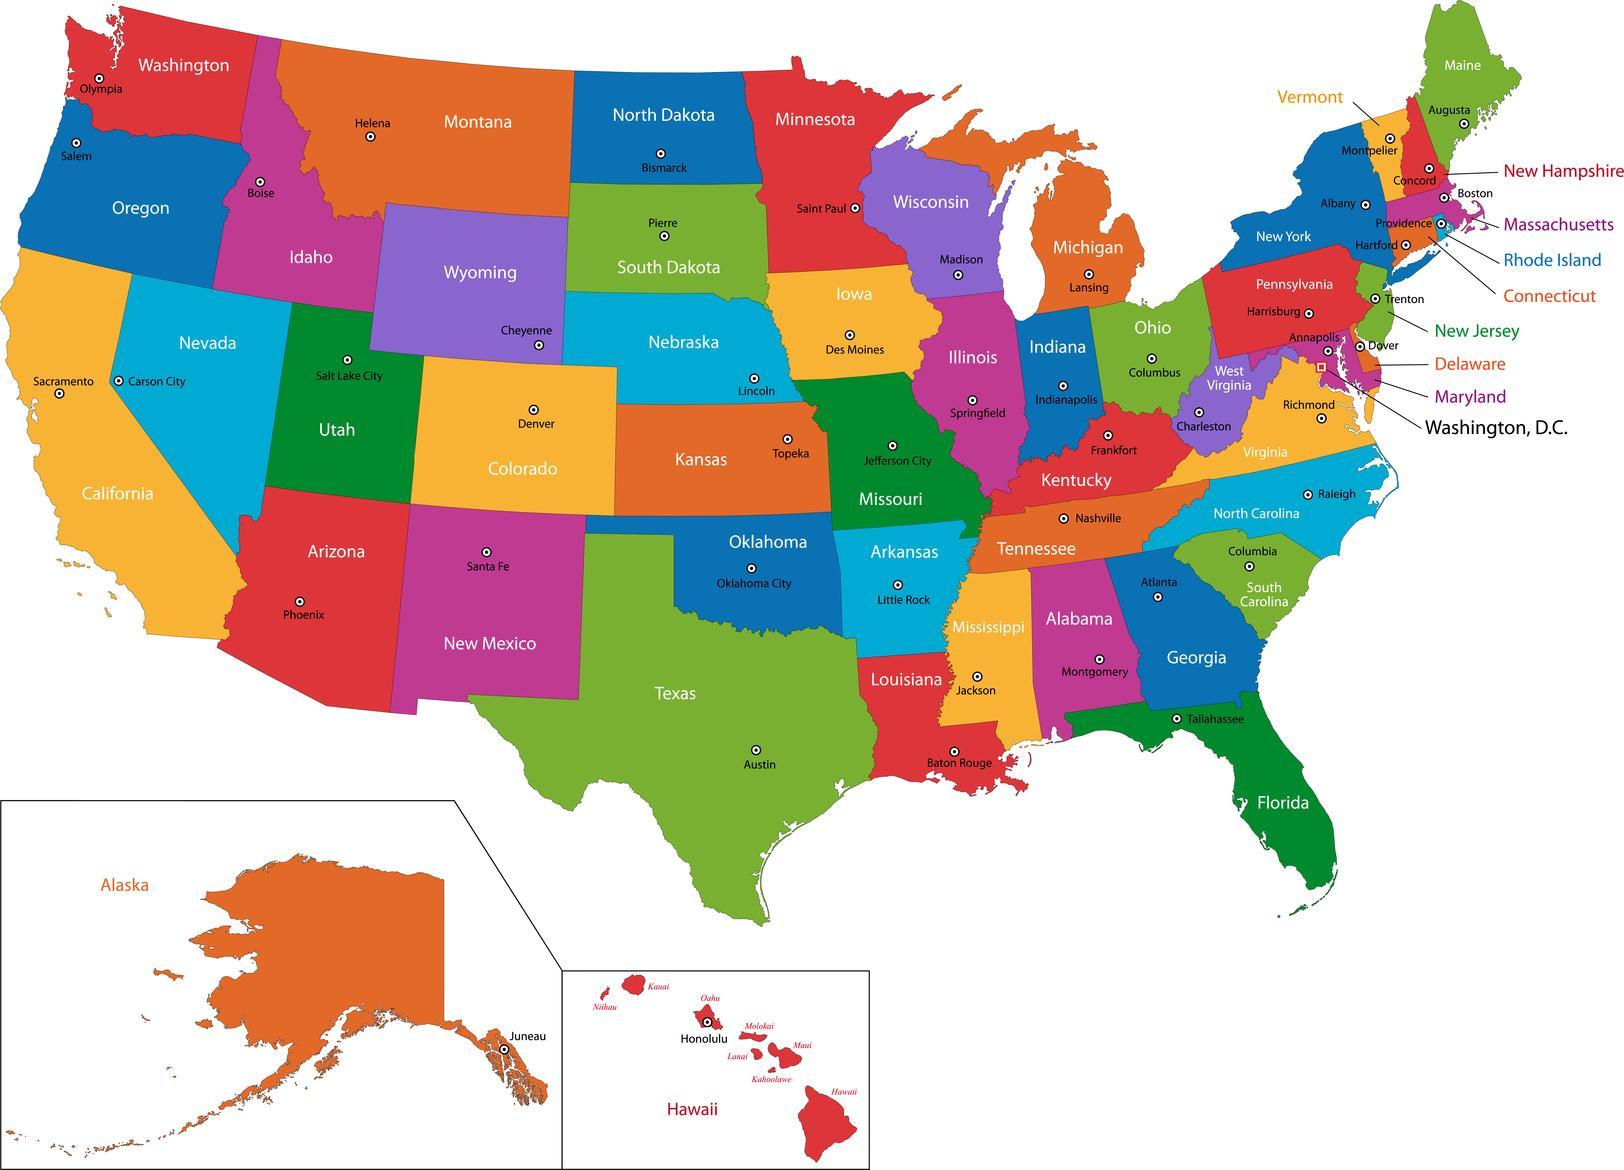 Cartina Stati Uniti Damerica Con Capitali.Mappa Degli Stati Uniti Con Gli Stati E Le Capitali Mappa Degli Stati Uniti Con Gli Stati E Le Capitali America Del Nord America